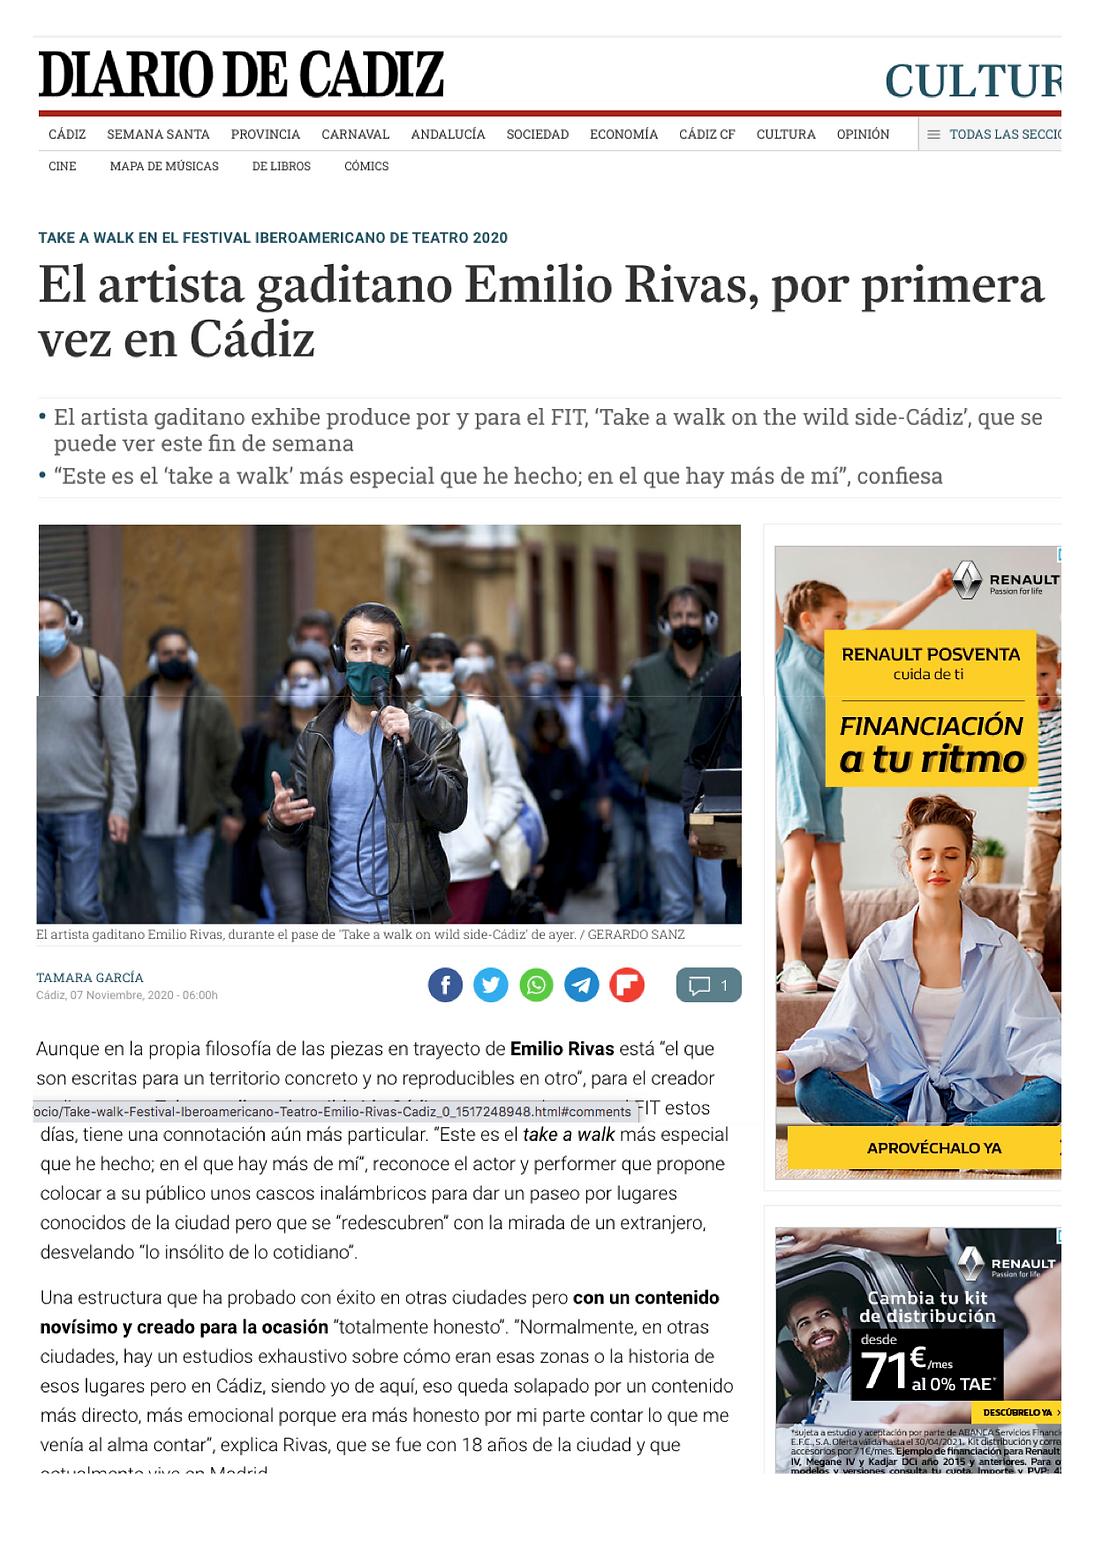 Emilio Rivas DIARIO DE CADIZ.png